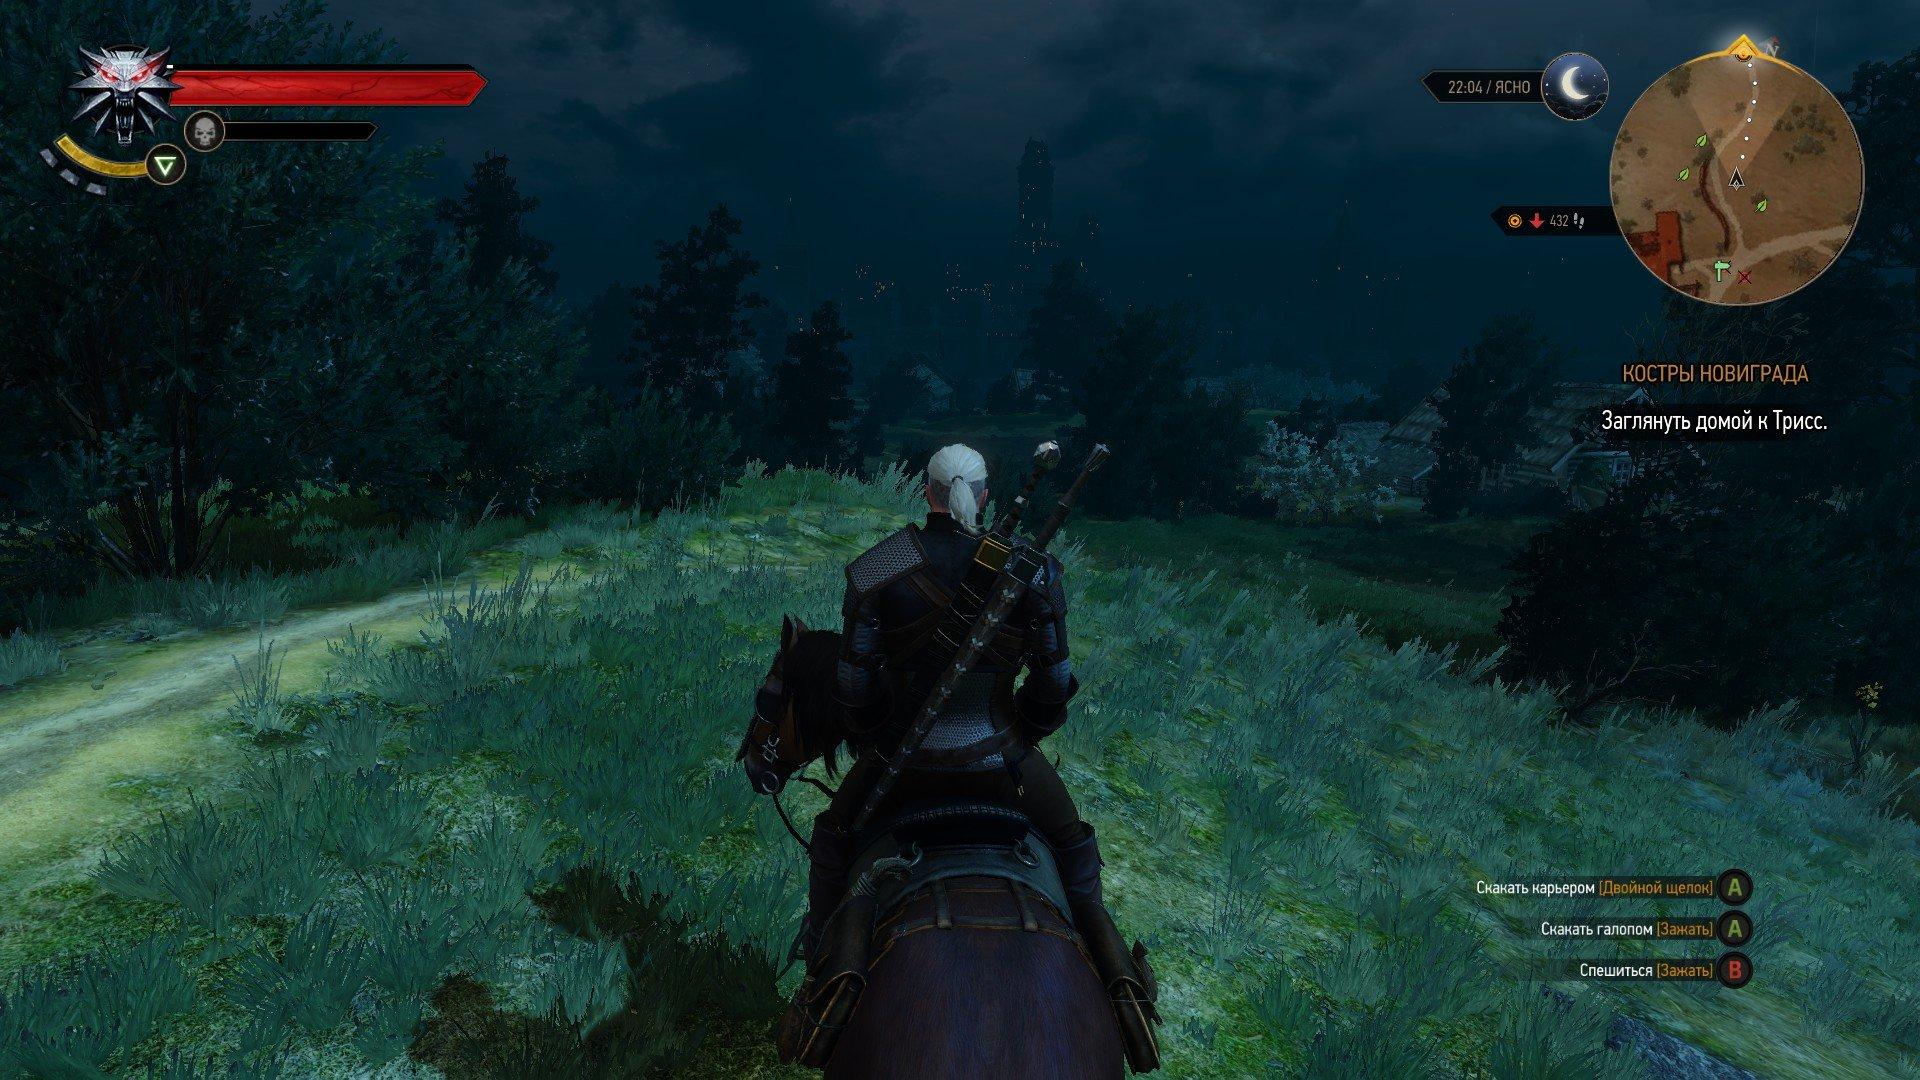 The Witcher 3: Wild Hunt. Список изменений патча 1.10. Часть 2.   Стабильность:   - Исправлены проблемы сбоя на аппа ... - Изображение 6